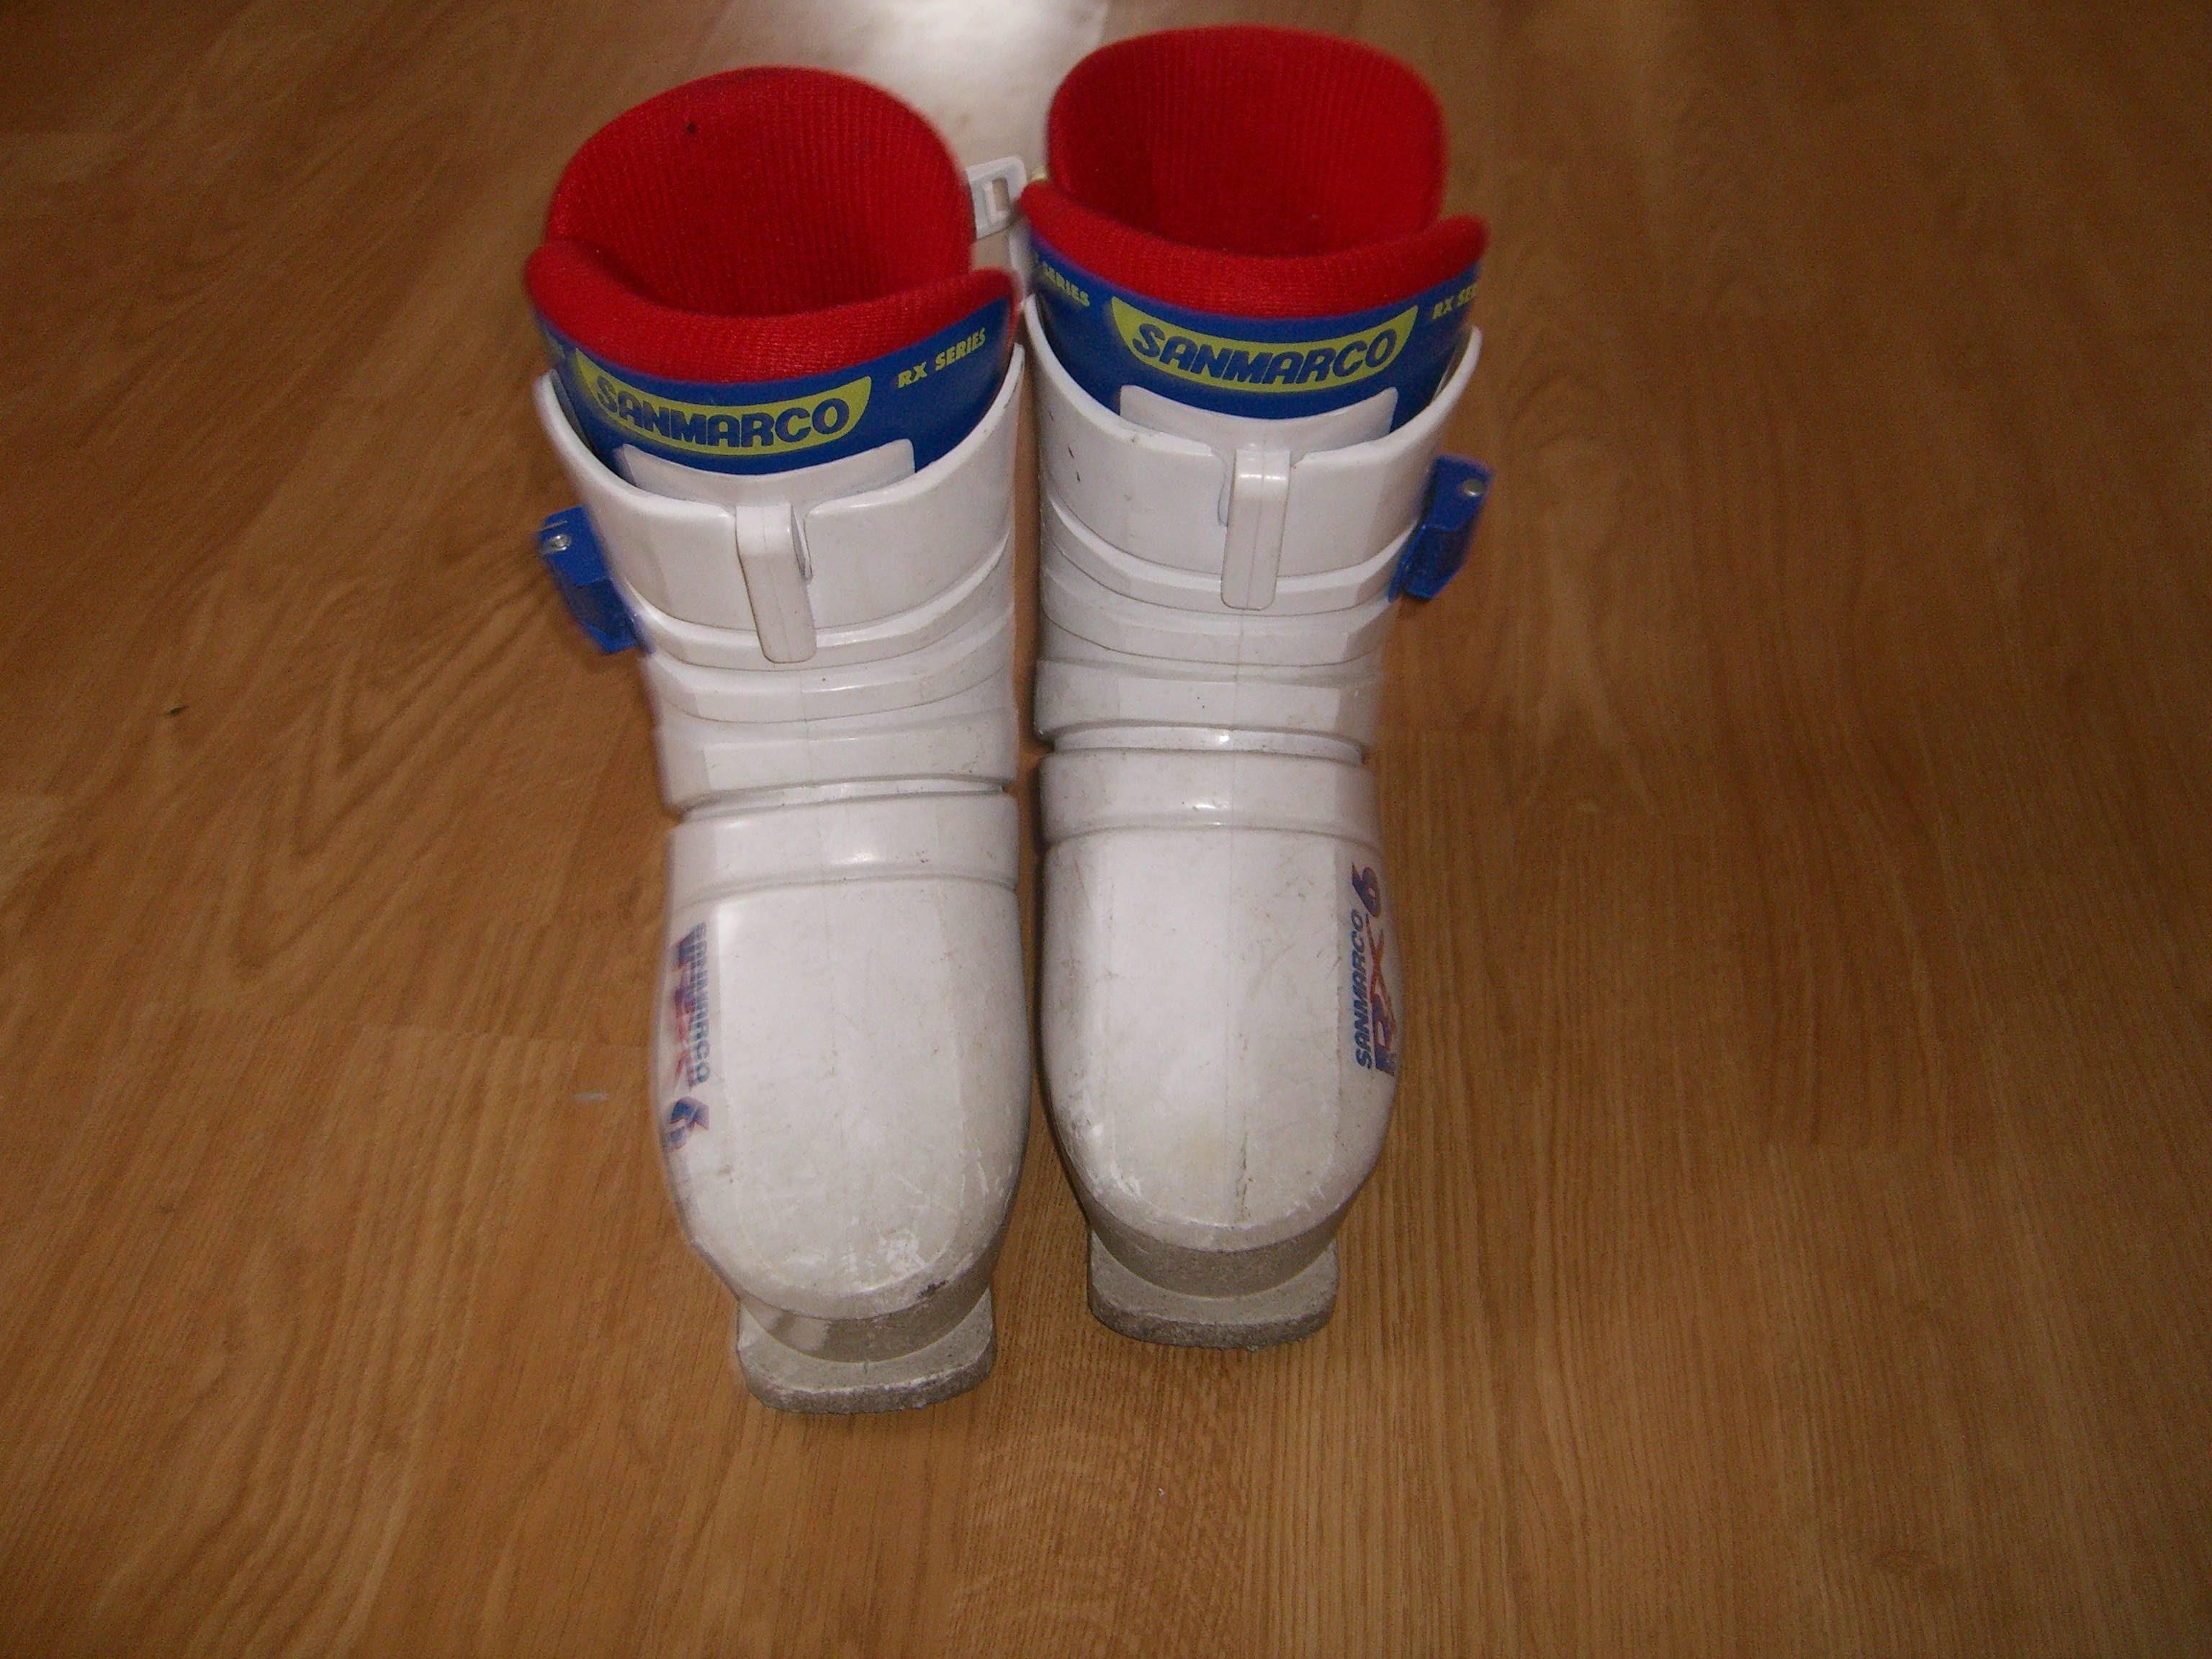 alpintstøvler bruktsport93